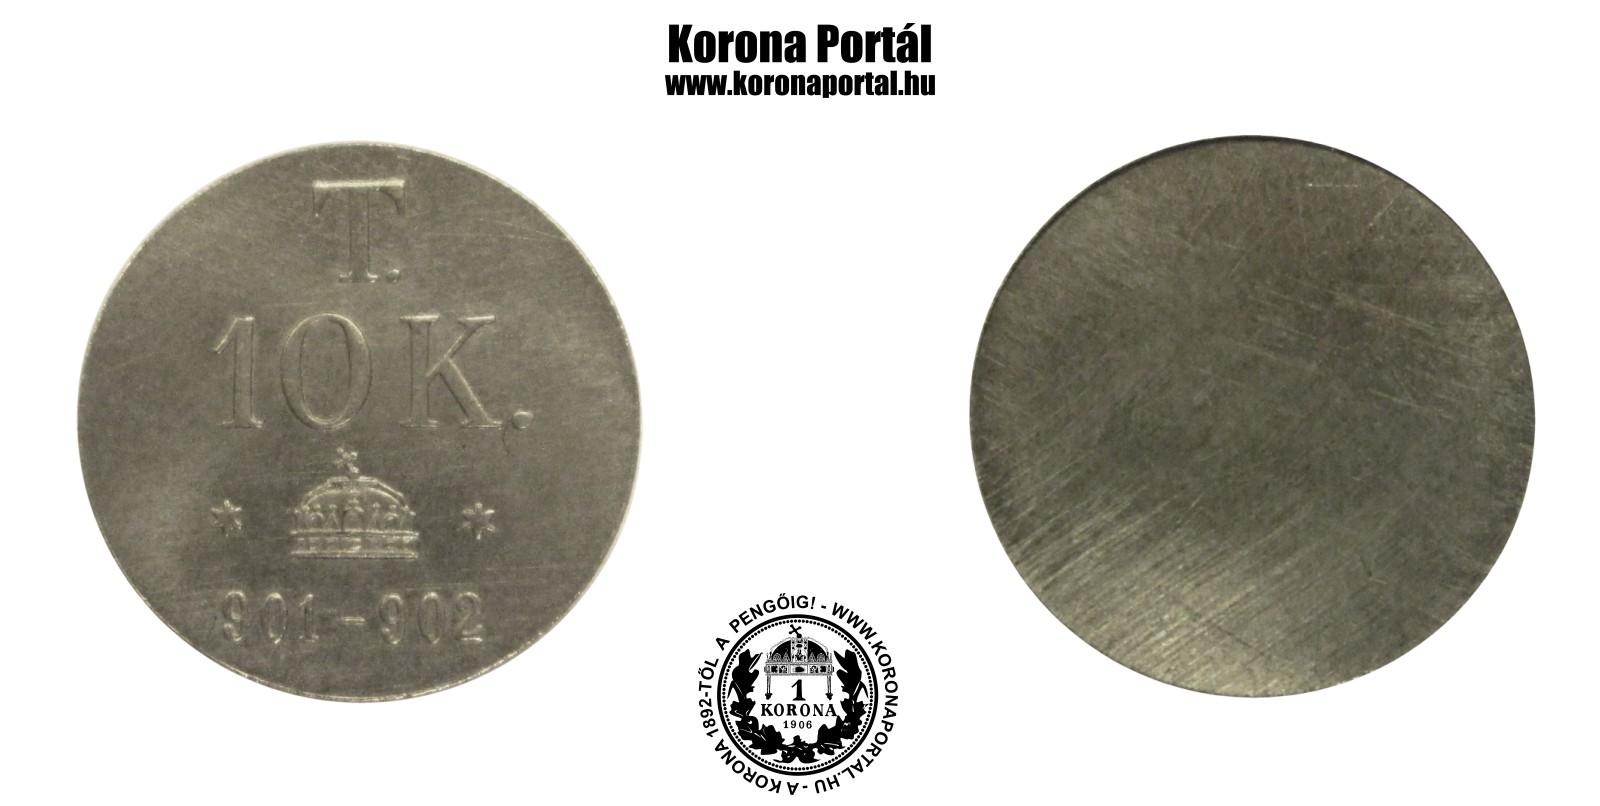 http://www.koronaportal.hu/penzsuly-sulypenz/www_koronaportal_hu_penzsuly-sulypenz-arany-10-korona-10k-t-901-902_ureshatlap_vekony.jpg